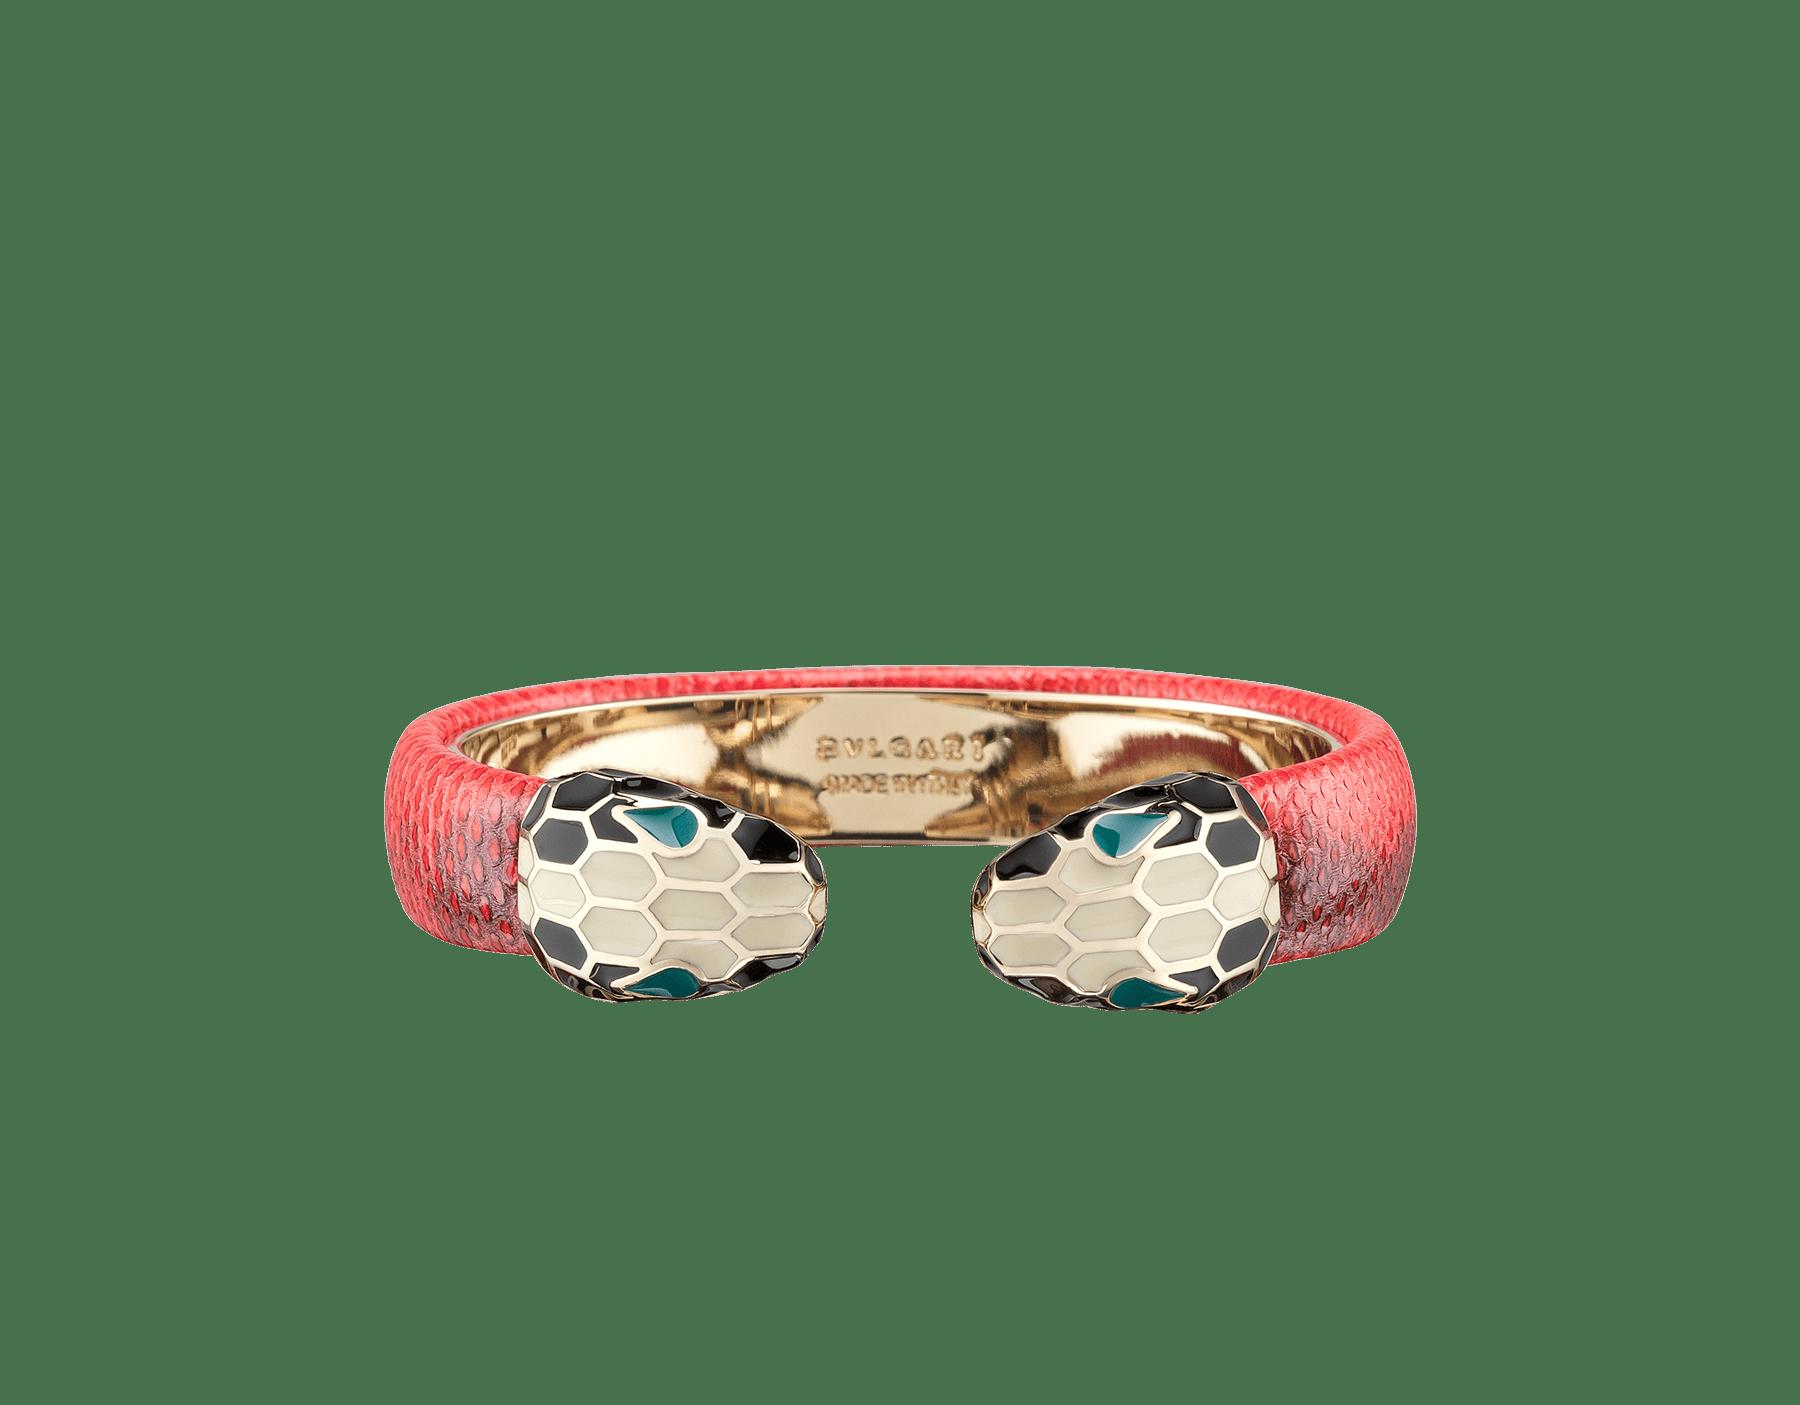 Bracelet jonc Serpenti Forever en karung brillant couleur Sea Star Coral avec détails en laiton doré. Motif en miroir Serpenti emblématique en émail noir et blanc avec yeux en émail vert. SPContr-SK-SSC image 1